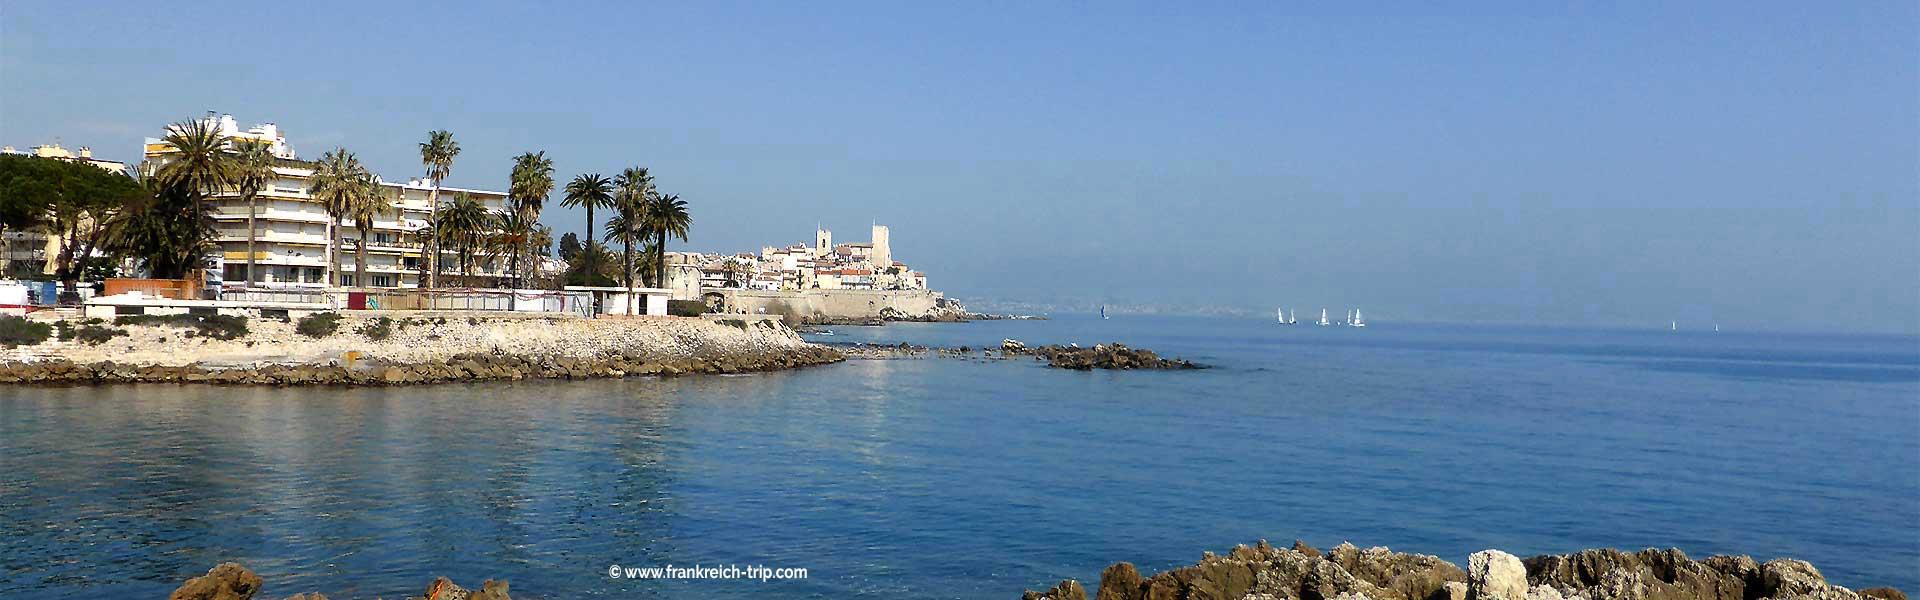 Urlaub In Antibes Und Juan Les Pins Südfrankreich